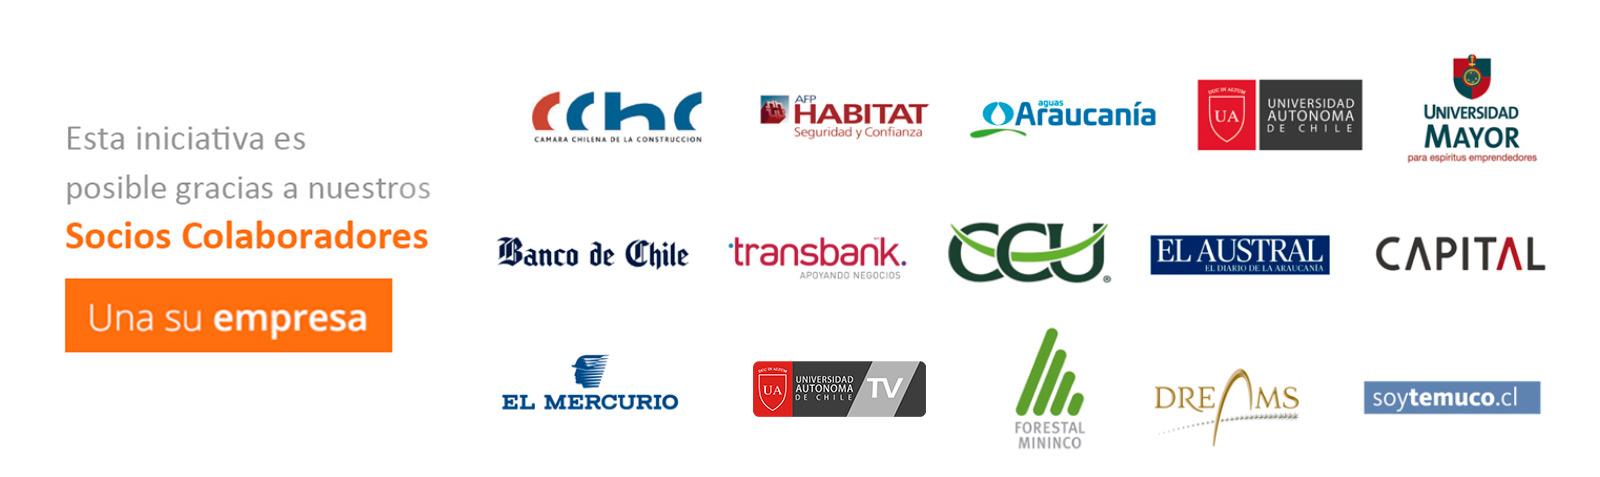 slider-logos-empresas